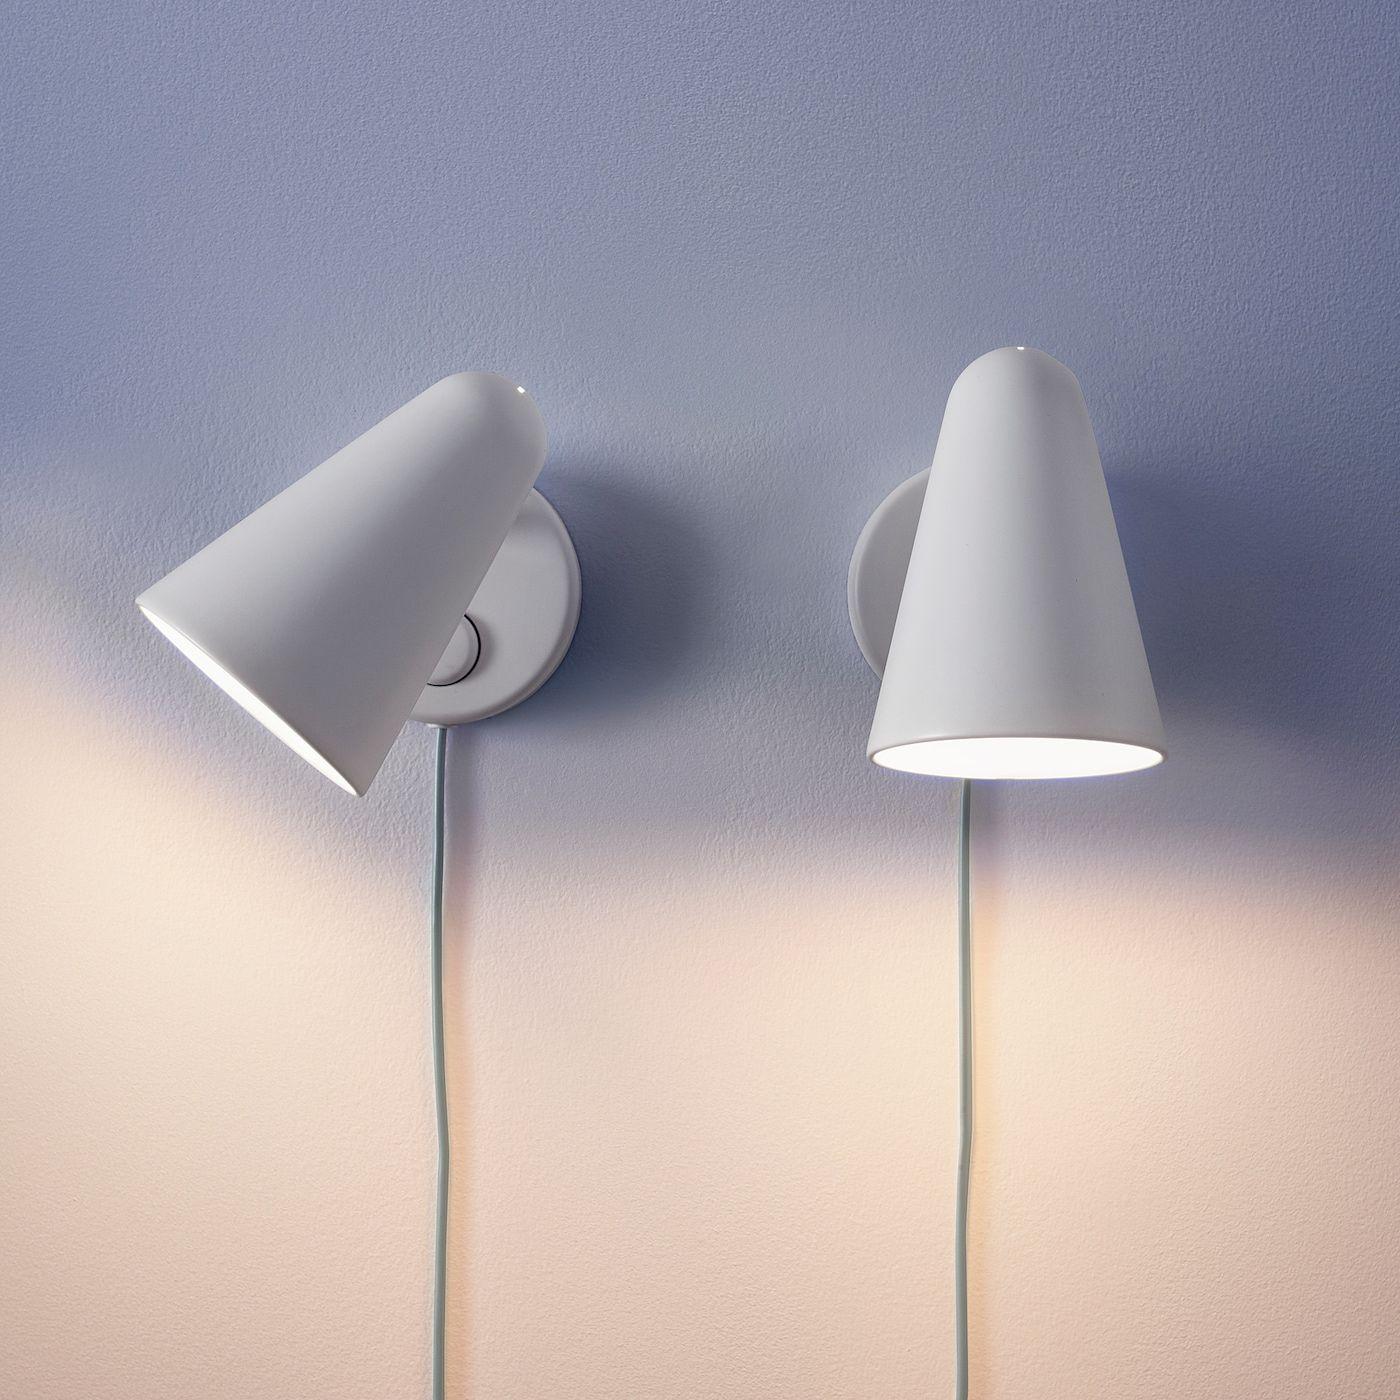 Fubbla Wandleuchte Led Weiss Ikea Osterreich In 2020 Led Wall Lamp Wall Lamp Ikea Wall Lights